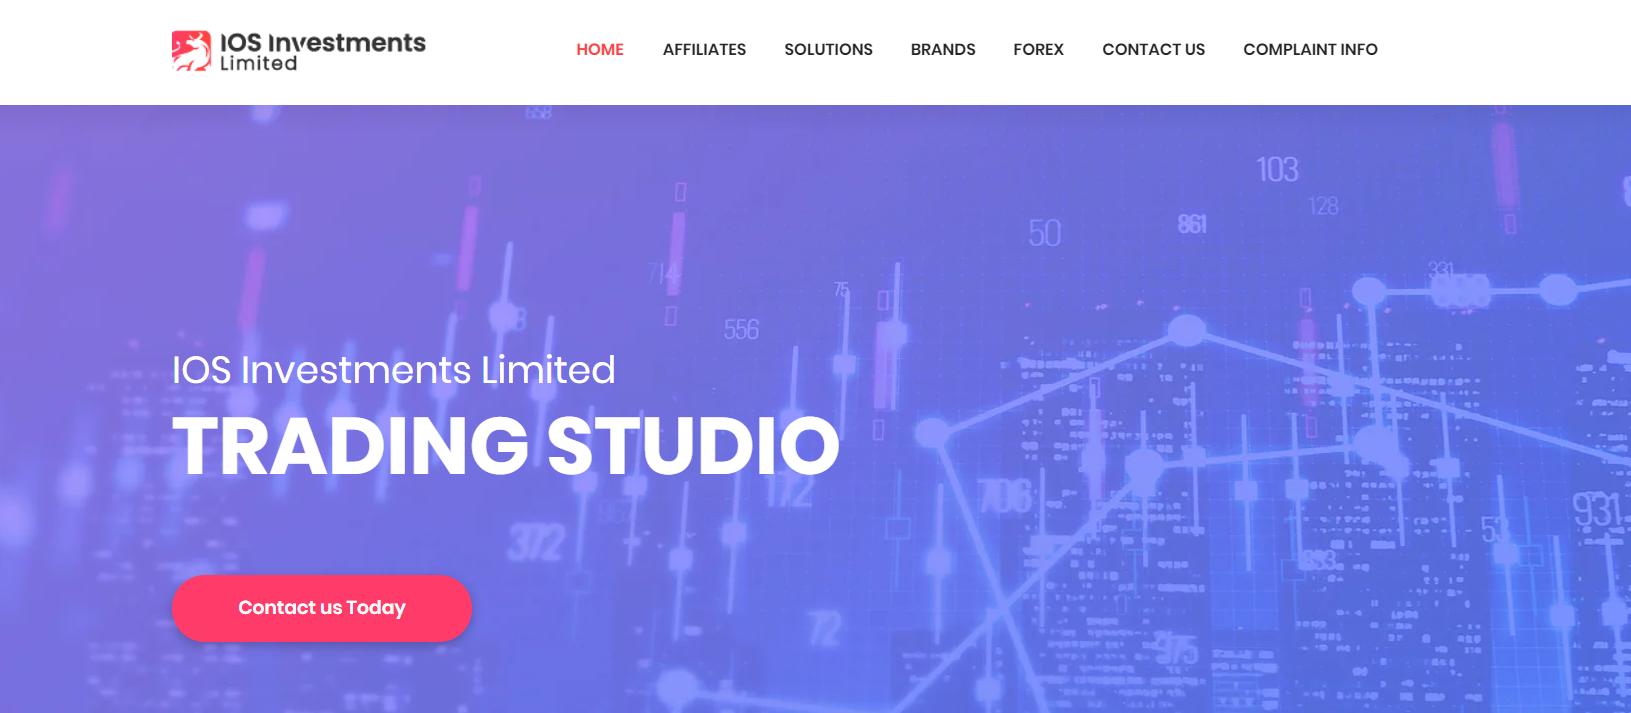 официальный сайт ios investments ltd мошенника